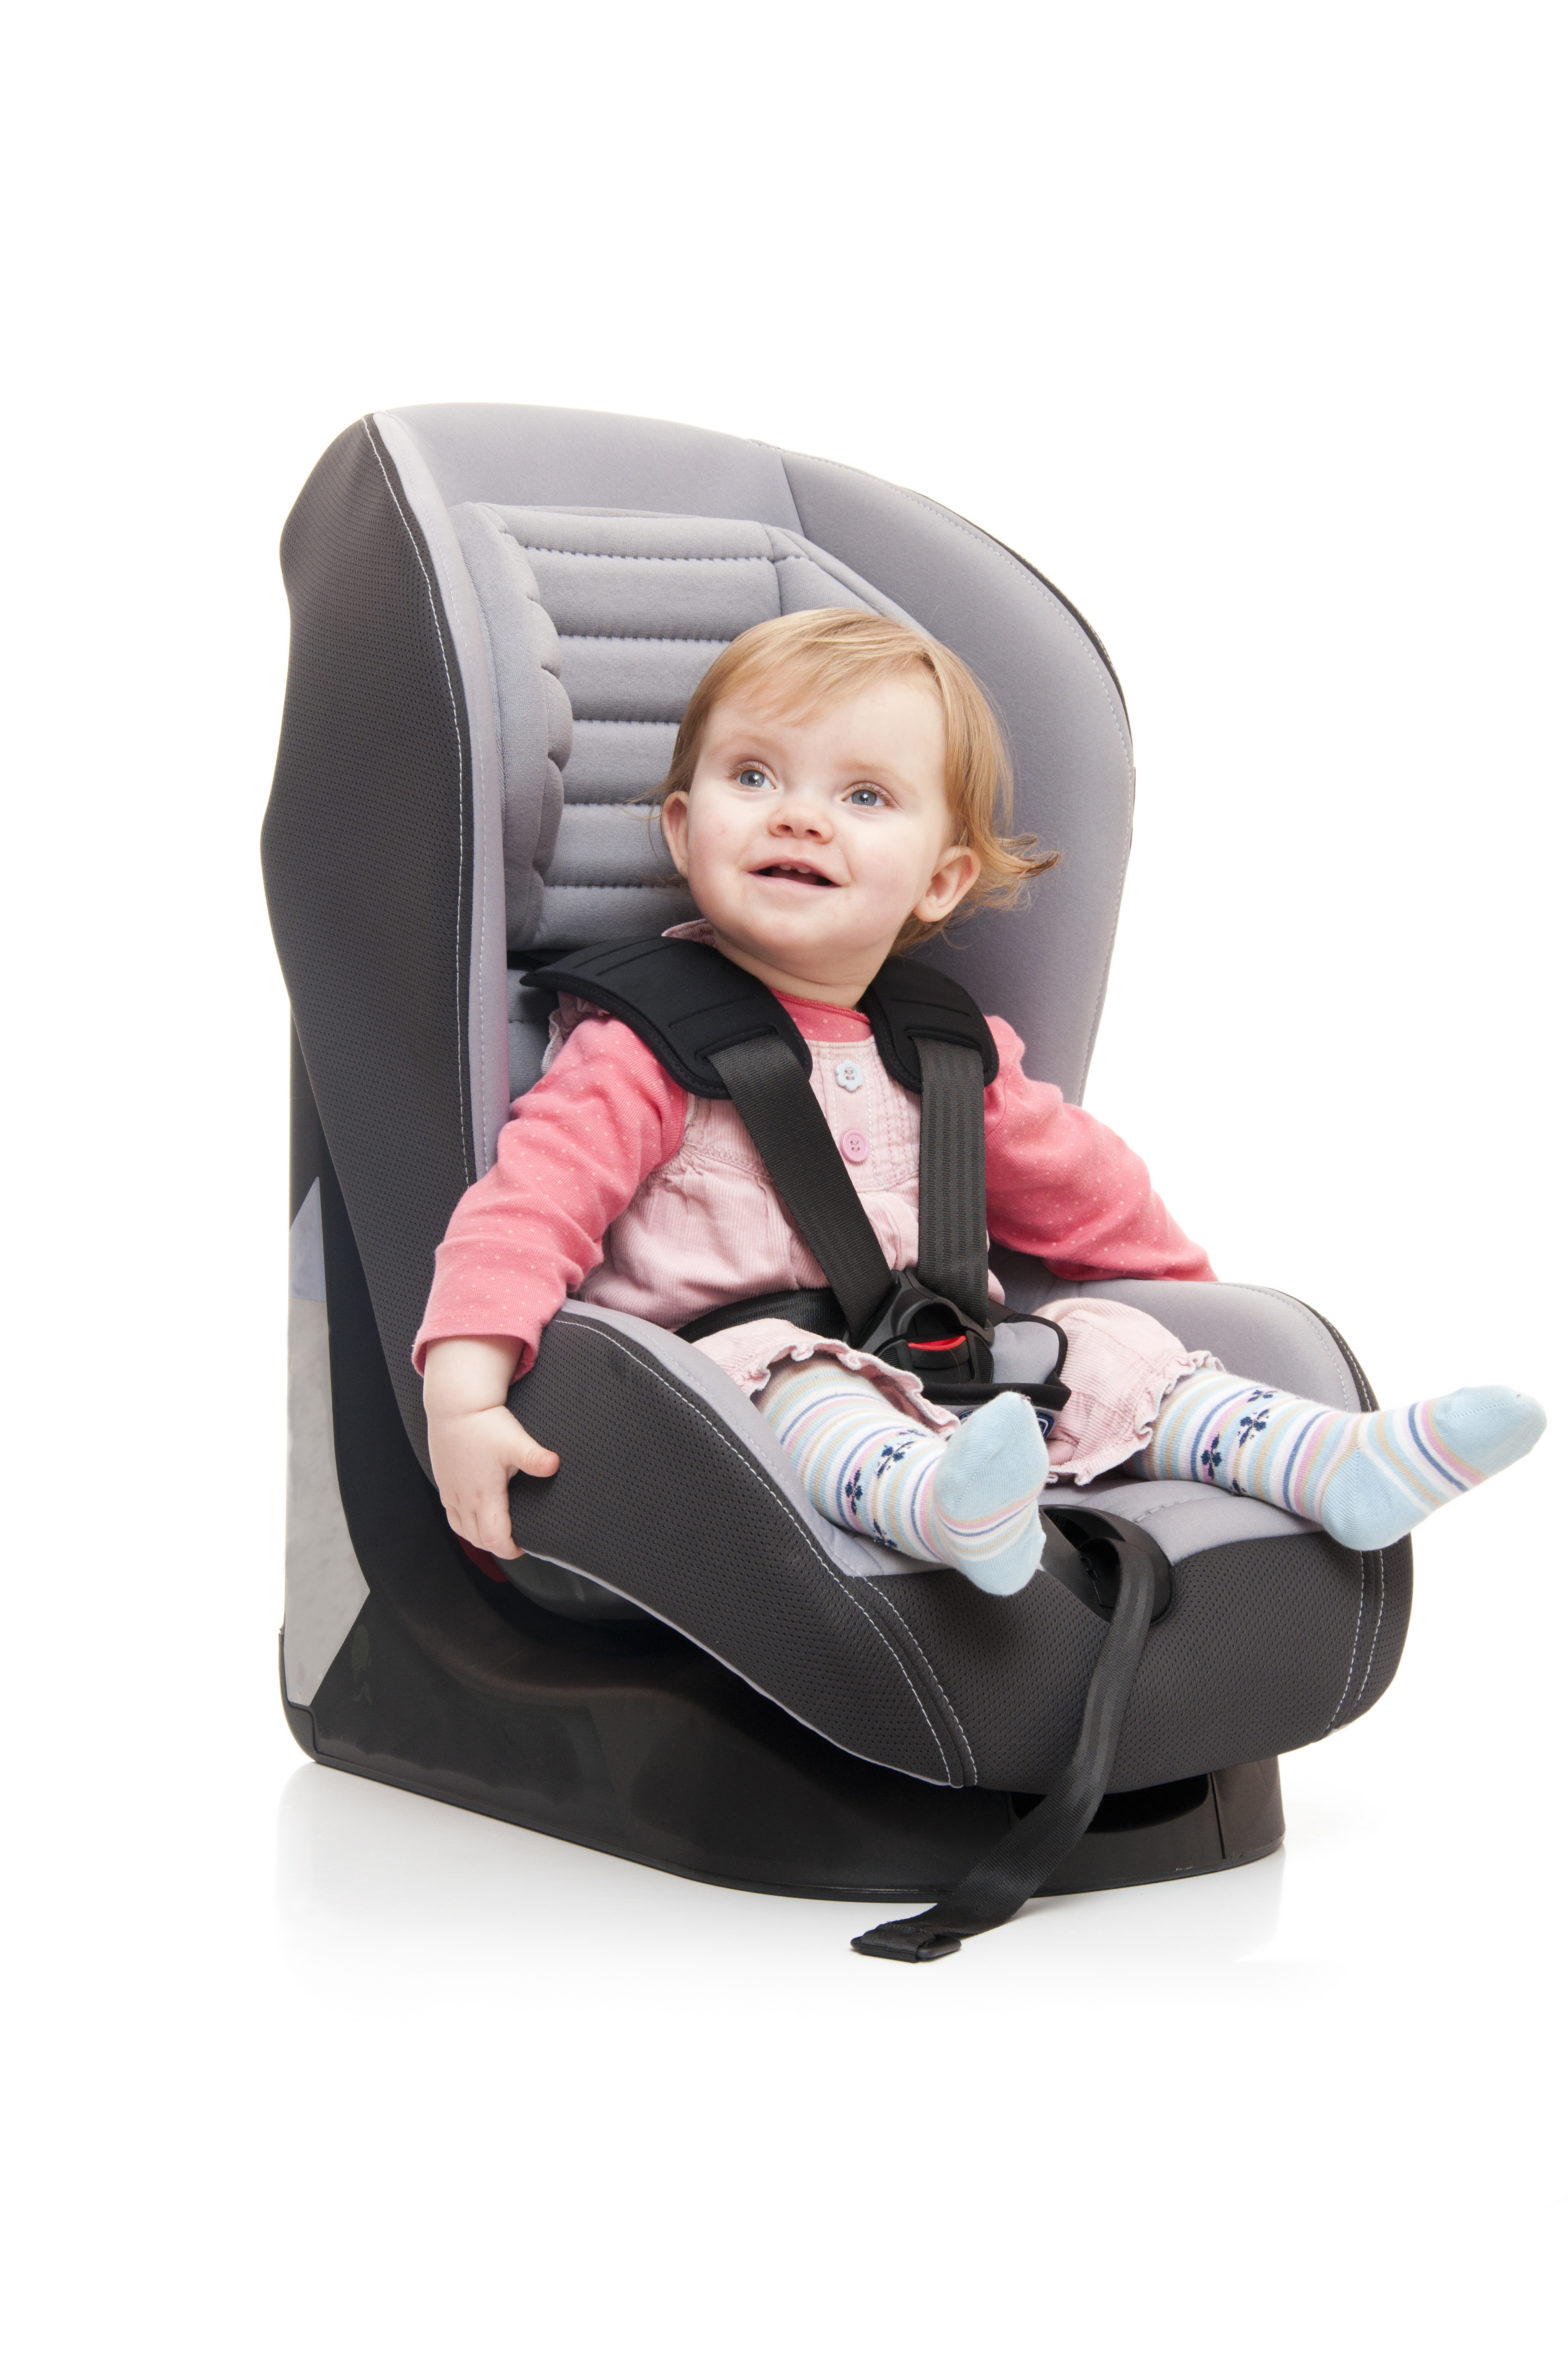 Kindersitze sollten immer an das Alter bzw. die Größe des Kindes angepasst werden.